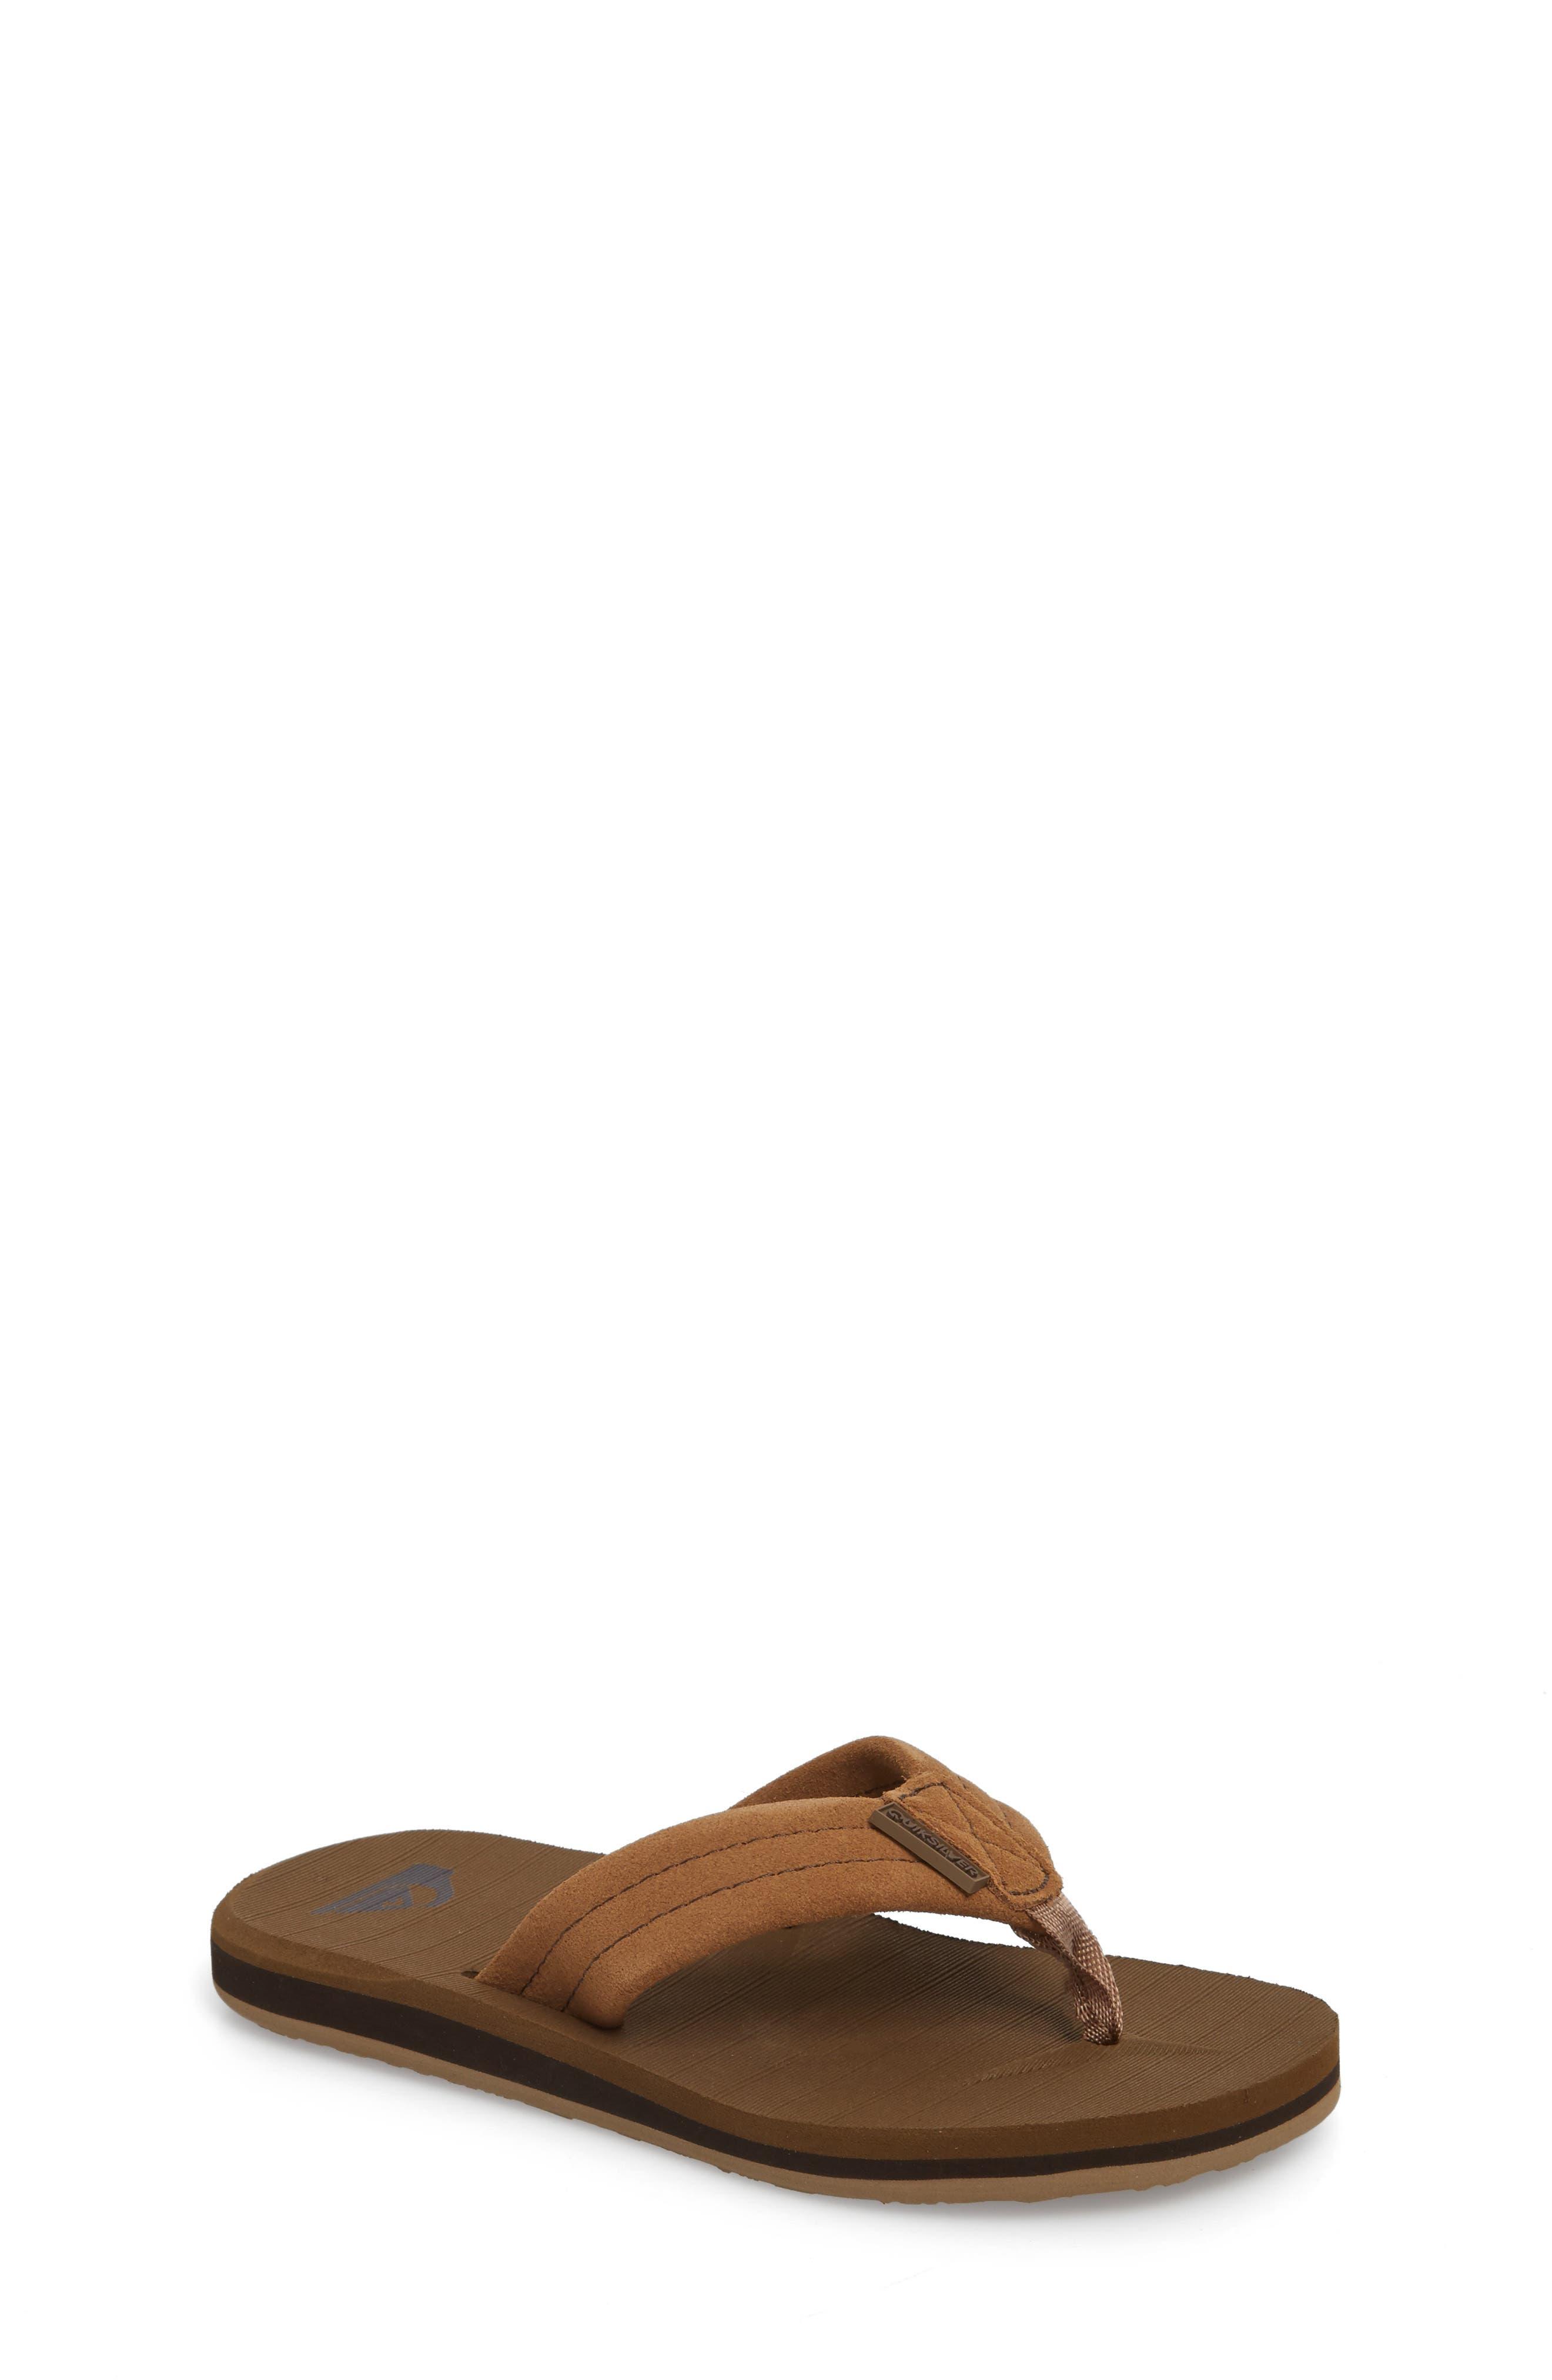 QUIKSILVER, Carver Flip Flop, Main thumbnail 1, color, TAN